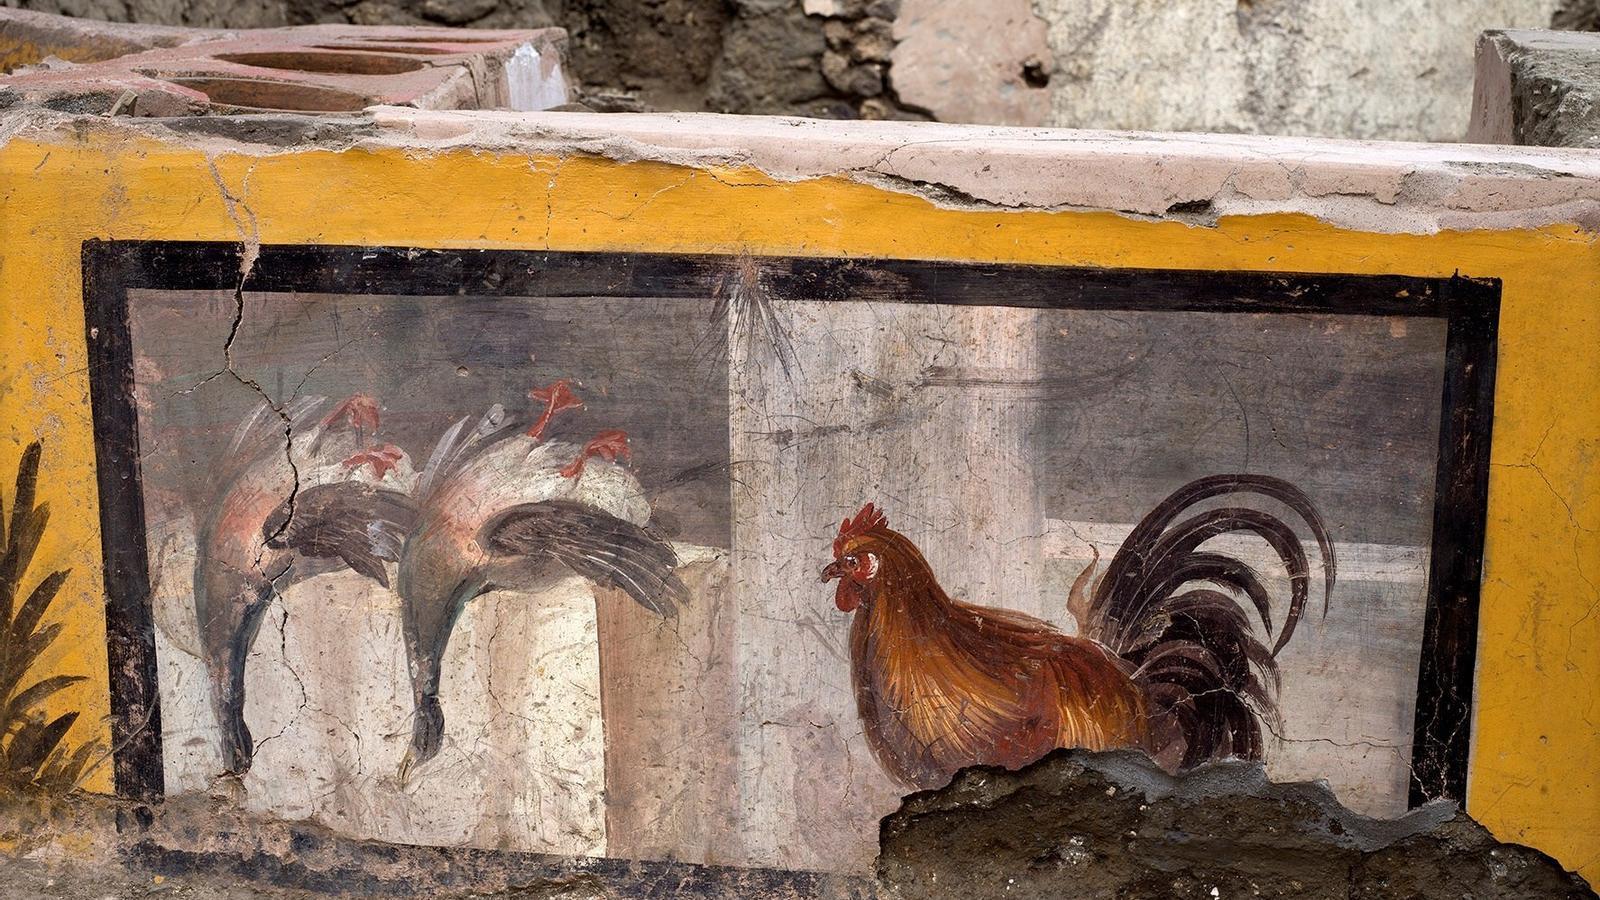 Detall del 'thermopolium' descobert a Pompeia.